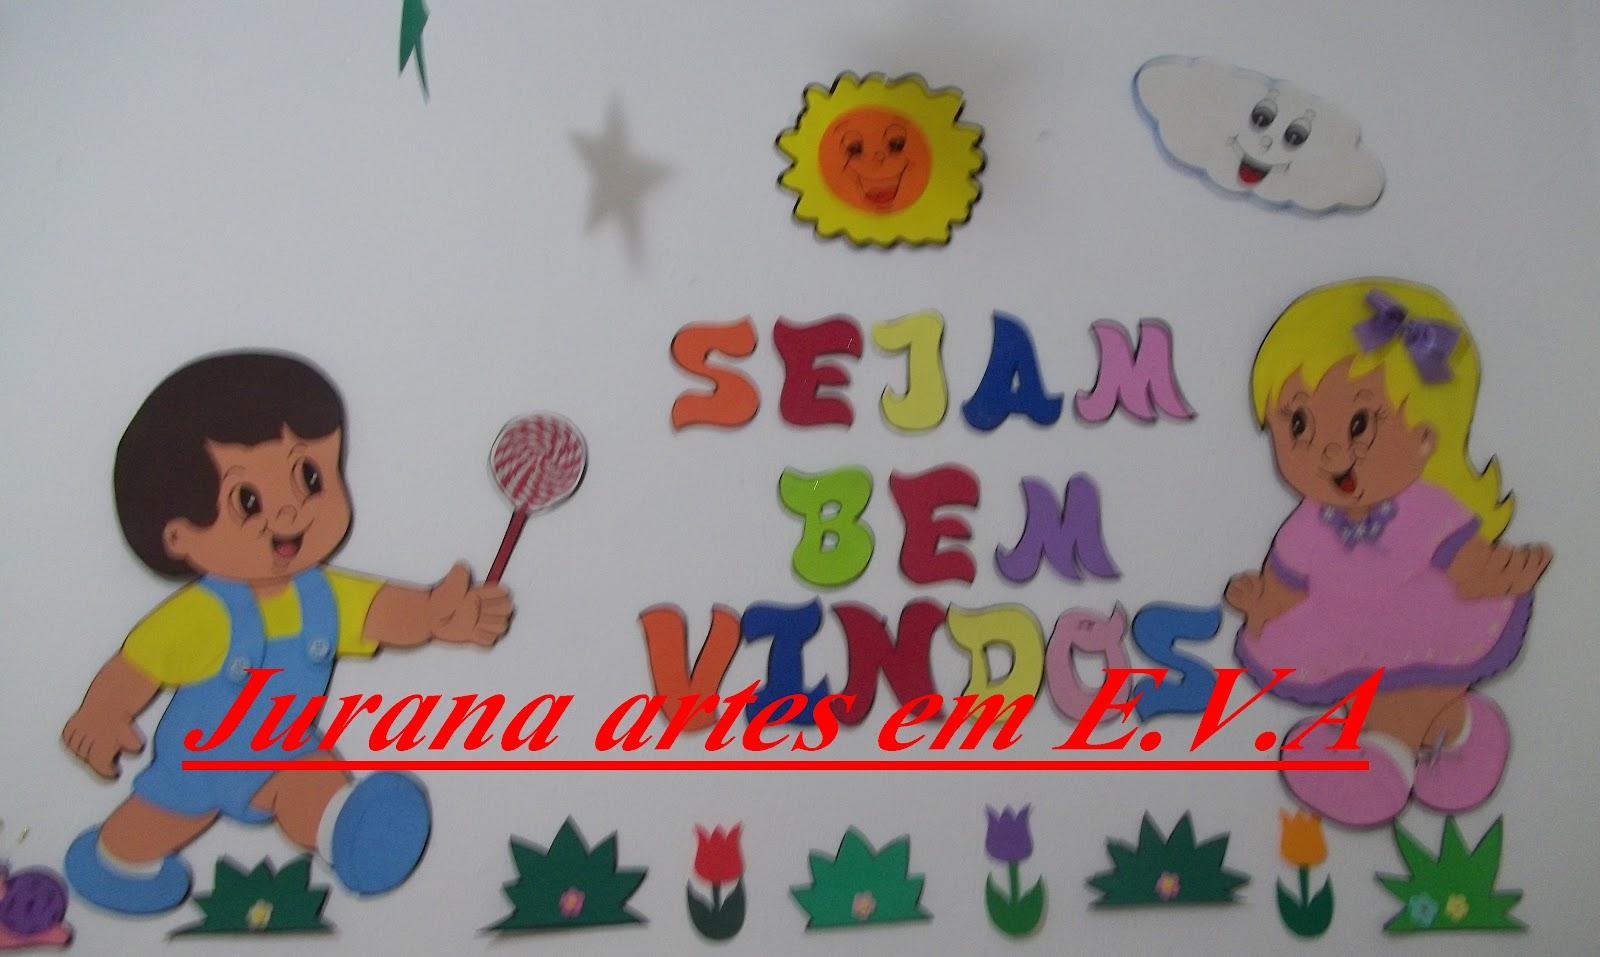 decoracao de sala aula educacao infantil : decoracao de sala aula educacao infantil:Jurana artes em E.V.A: Decoração sala de Aula